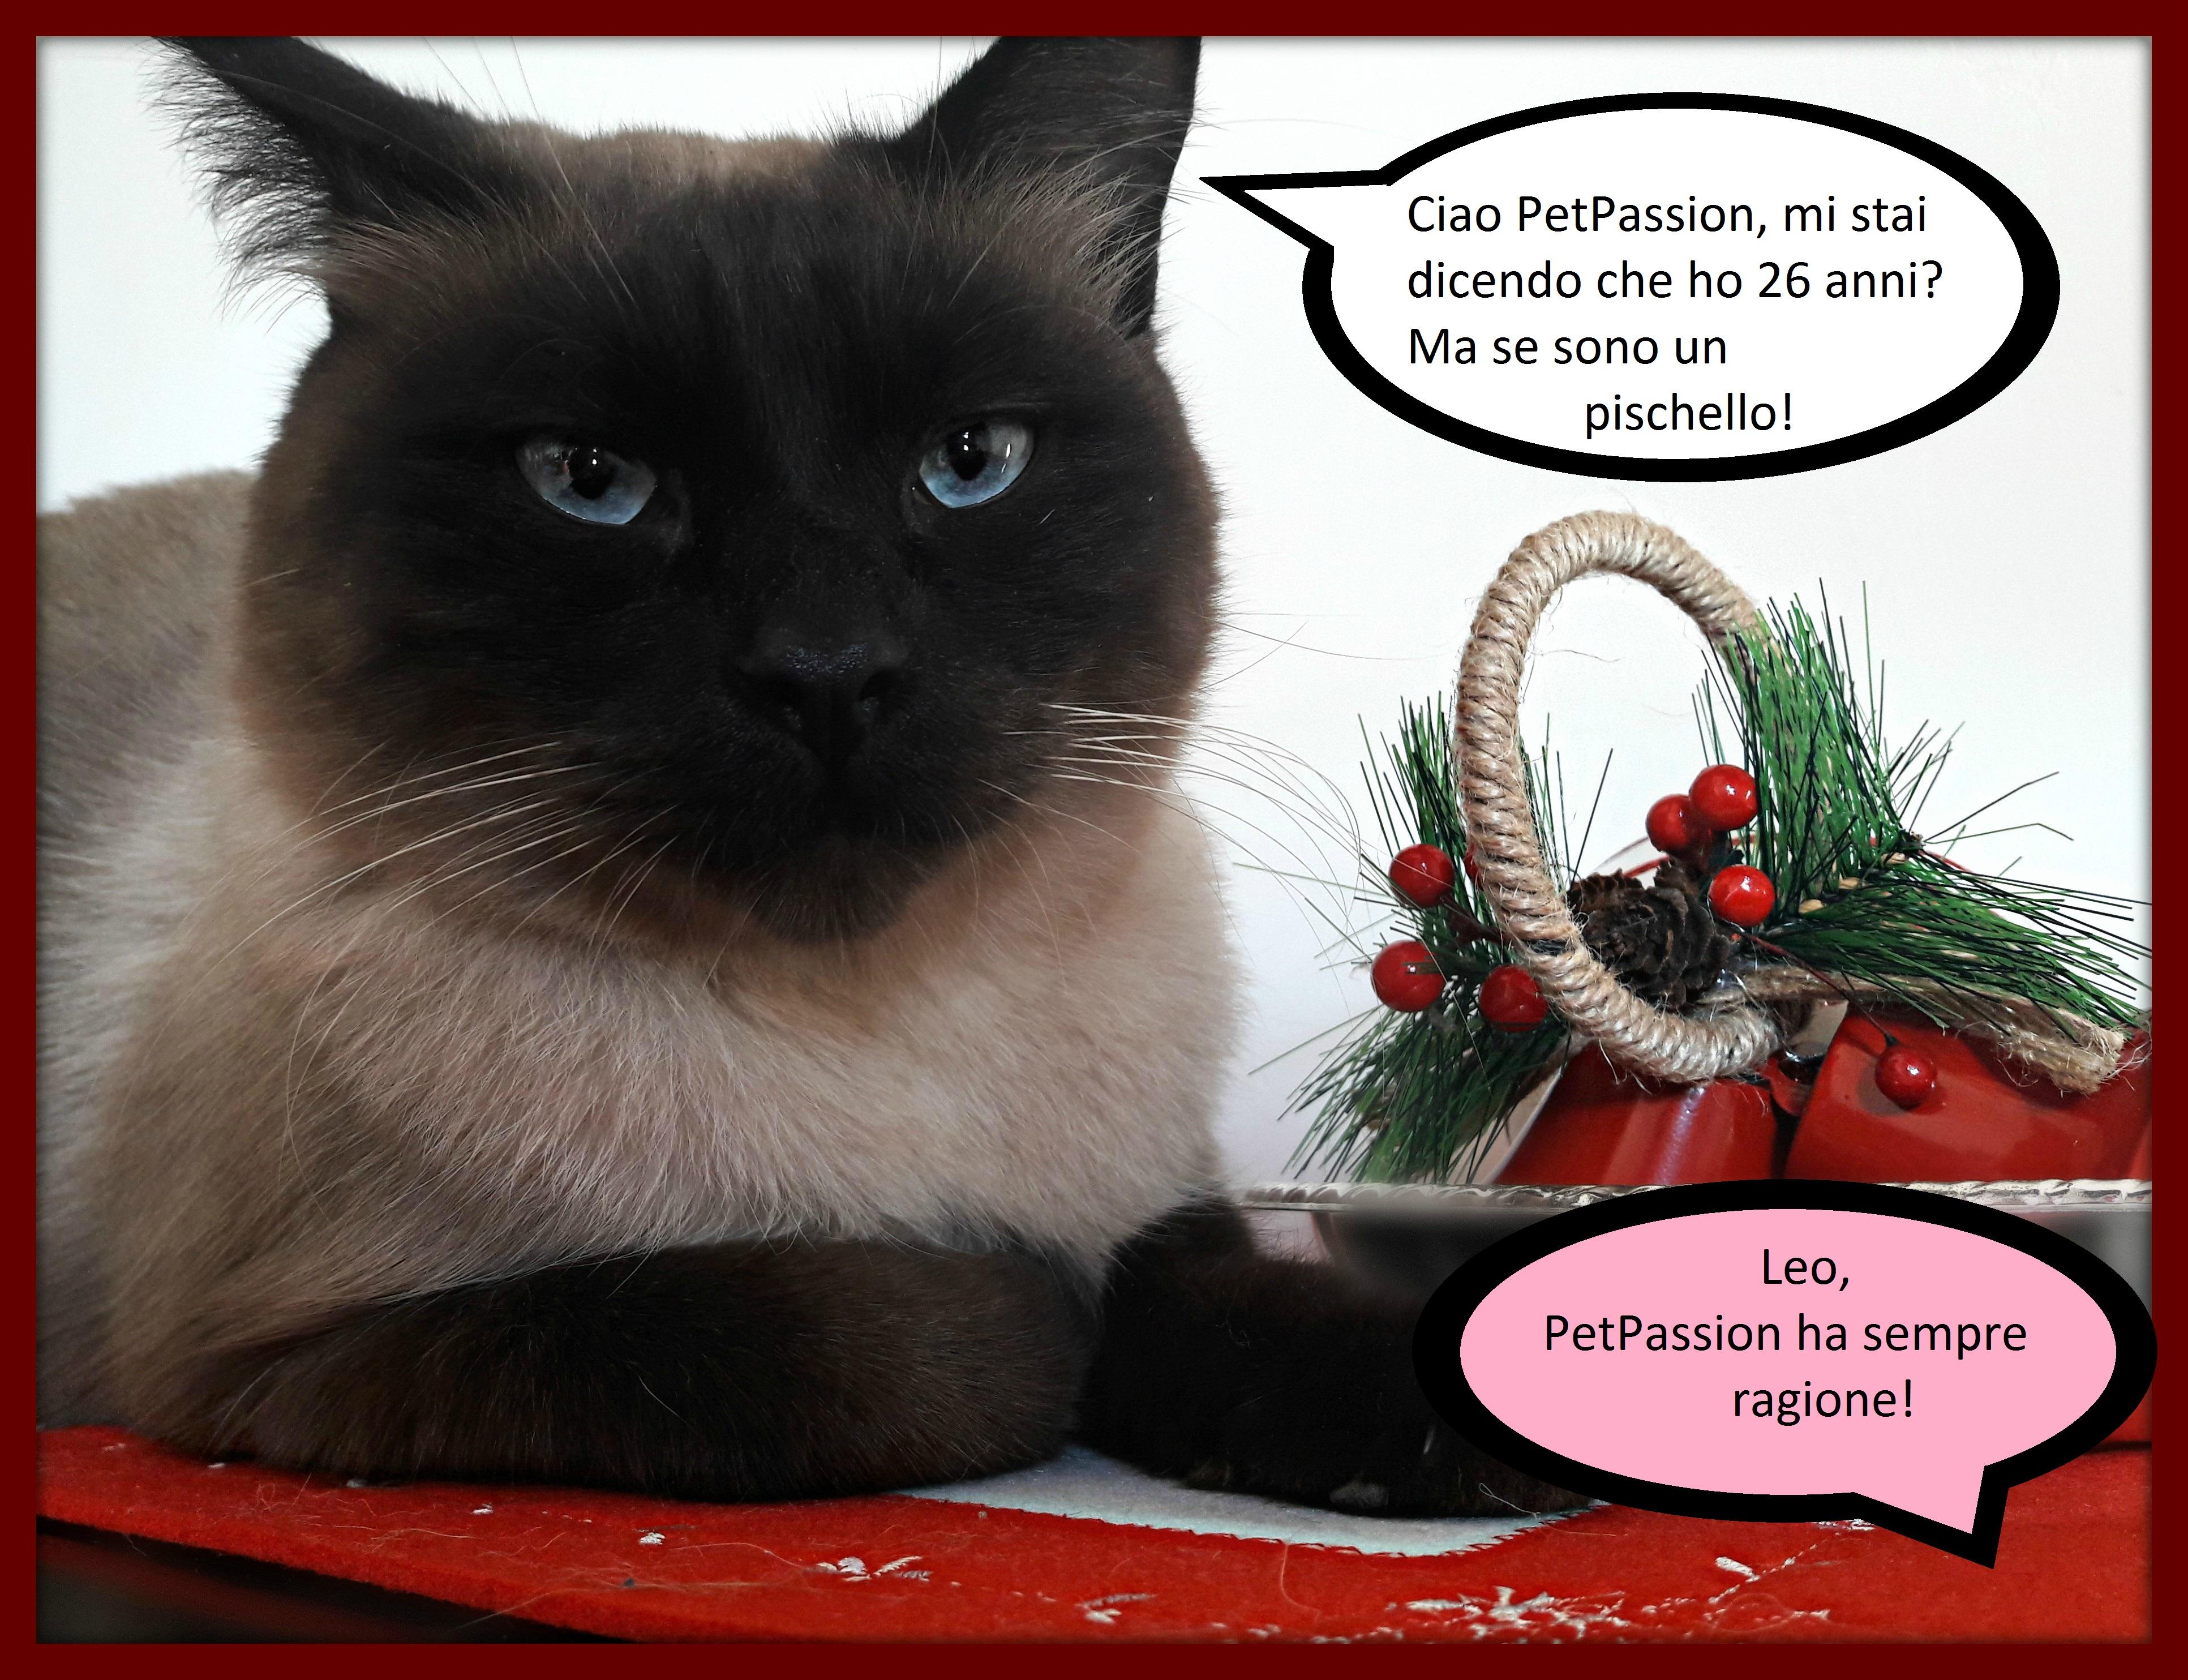 Calendario Eta Gatti.Avete Calcolato L Eta Anagrafica Del Vostro Gatto Leo Della